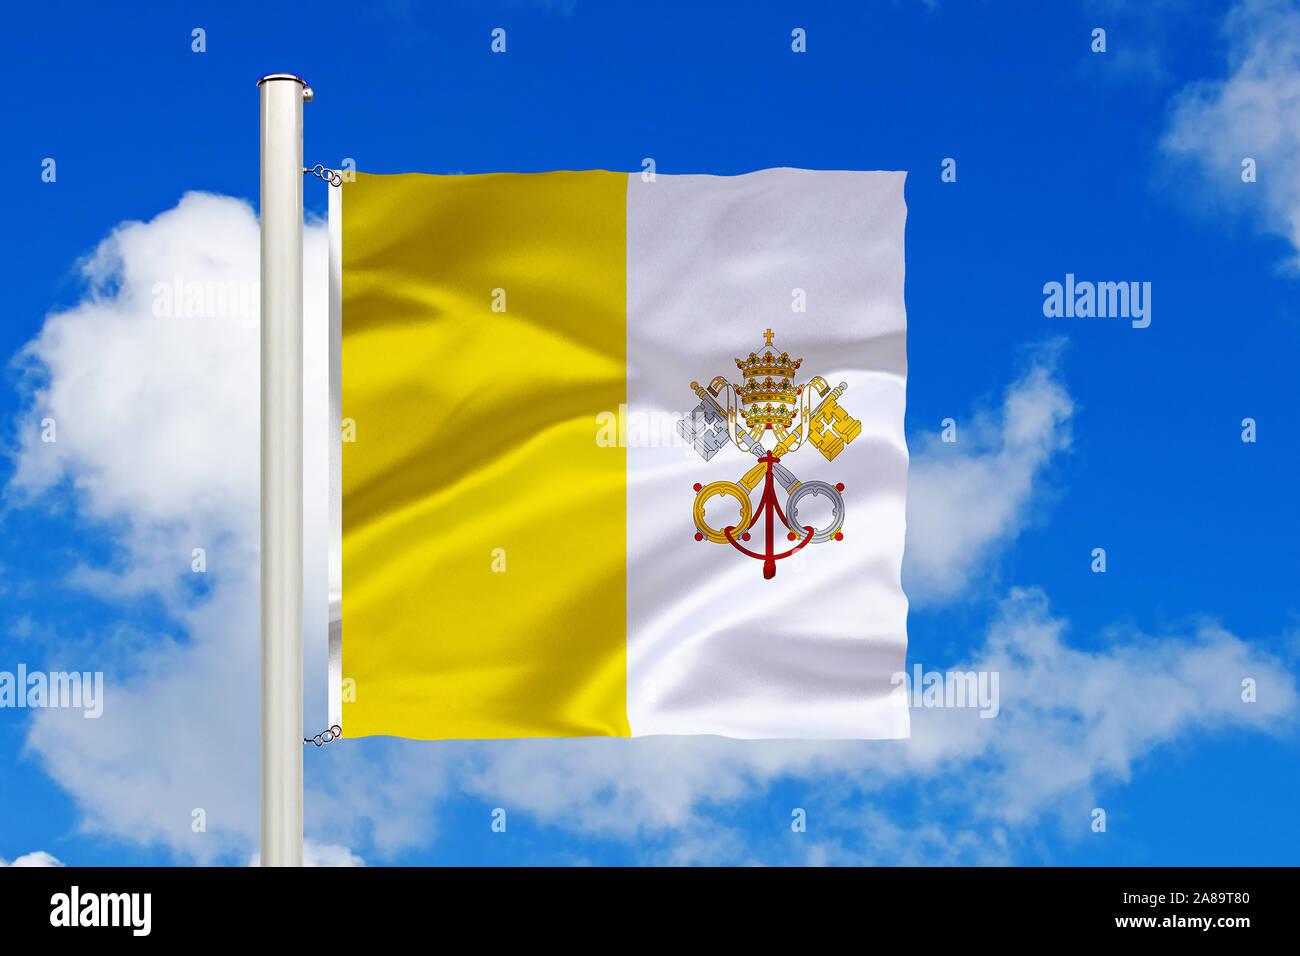 Vatikan, Vatikanstadt, Stadtstaat, Stadtstaat, Italien, Rom, Nationalfahne, Nationalflagge, Fahne, Flagge, Flaggenmast, Cumulus Wolken vor blauen Himm Stock Photo